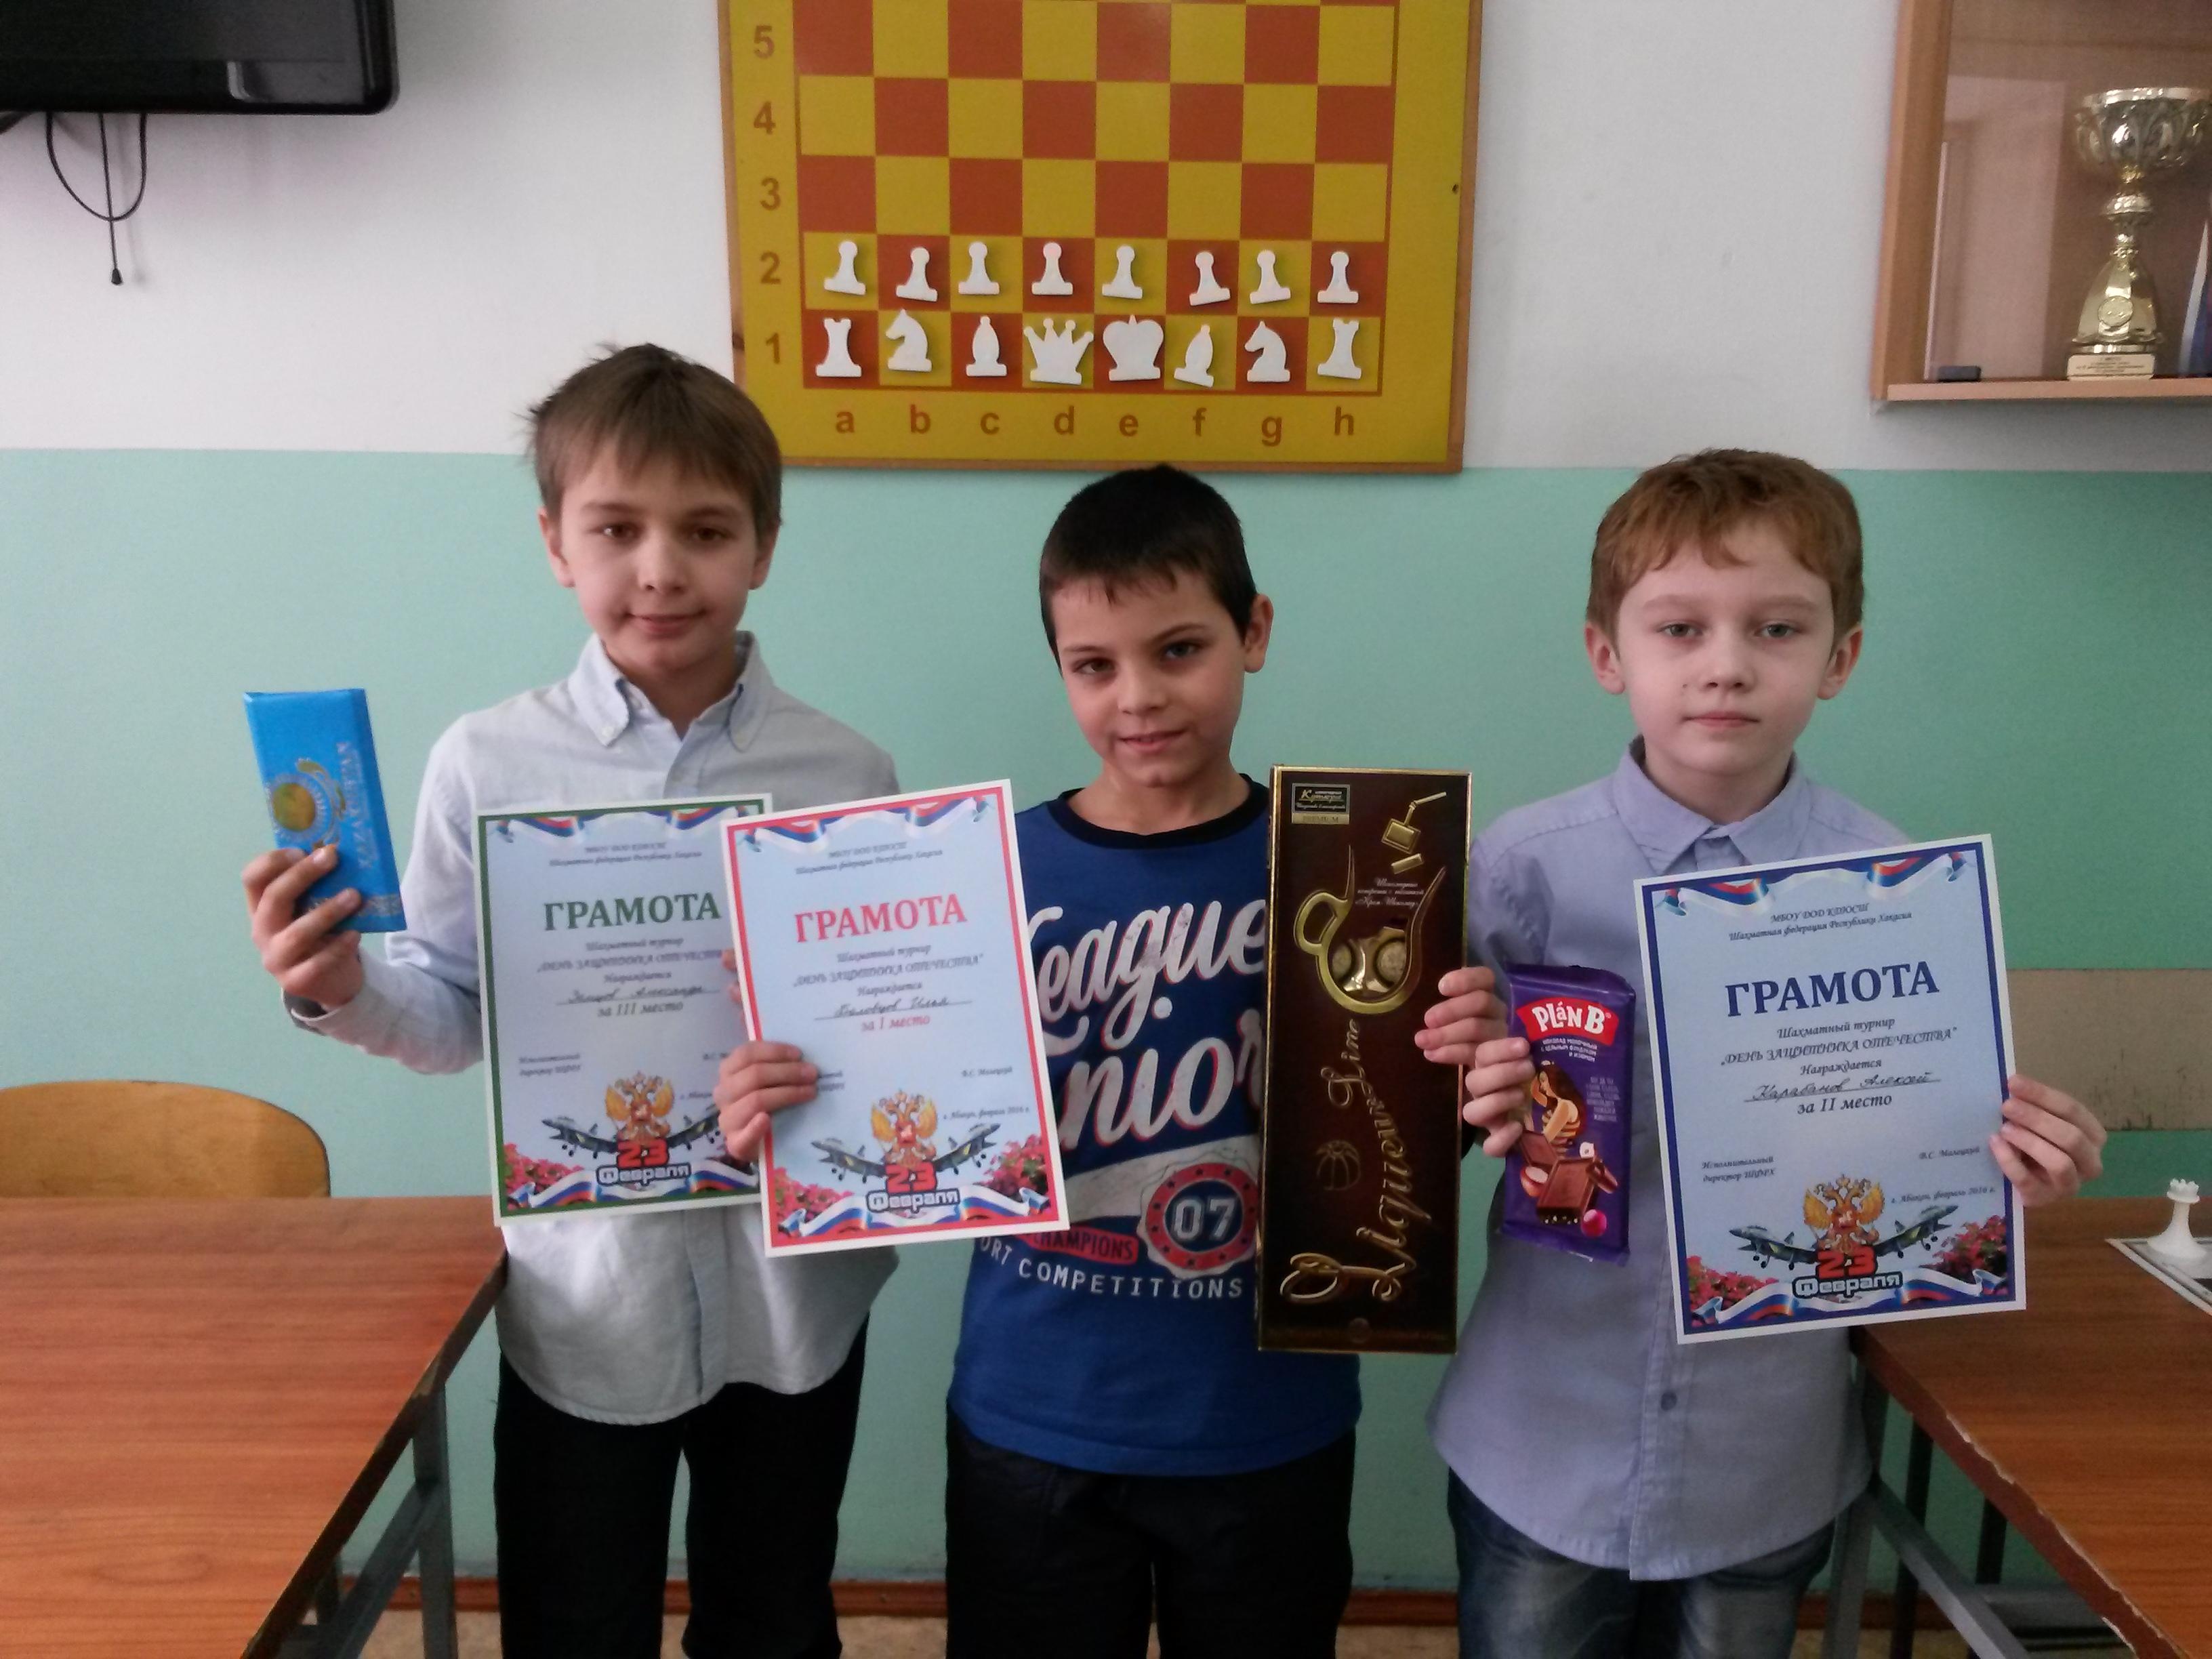 В центре победитель турнира Б Боловцов Илья, справа Карабанов Алексей(2 место), слева Земцов Александр(3 место)